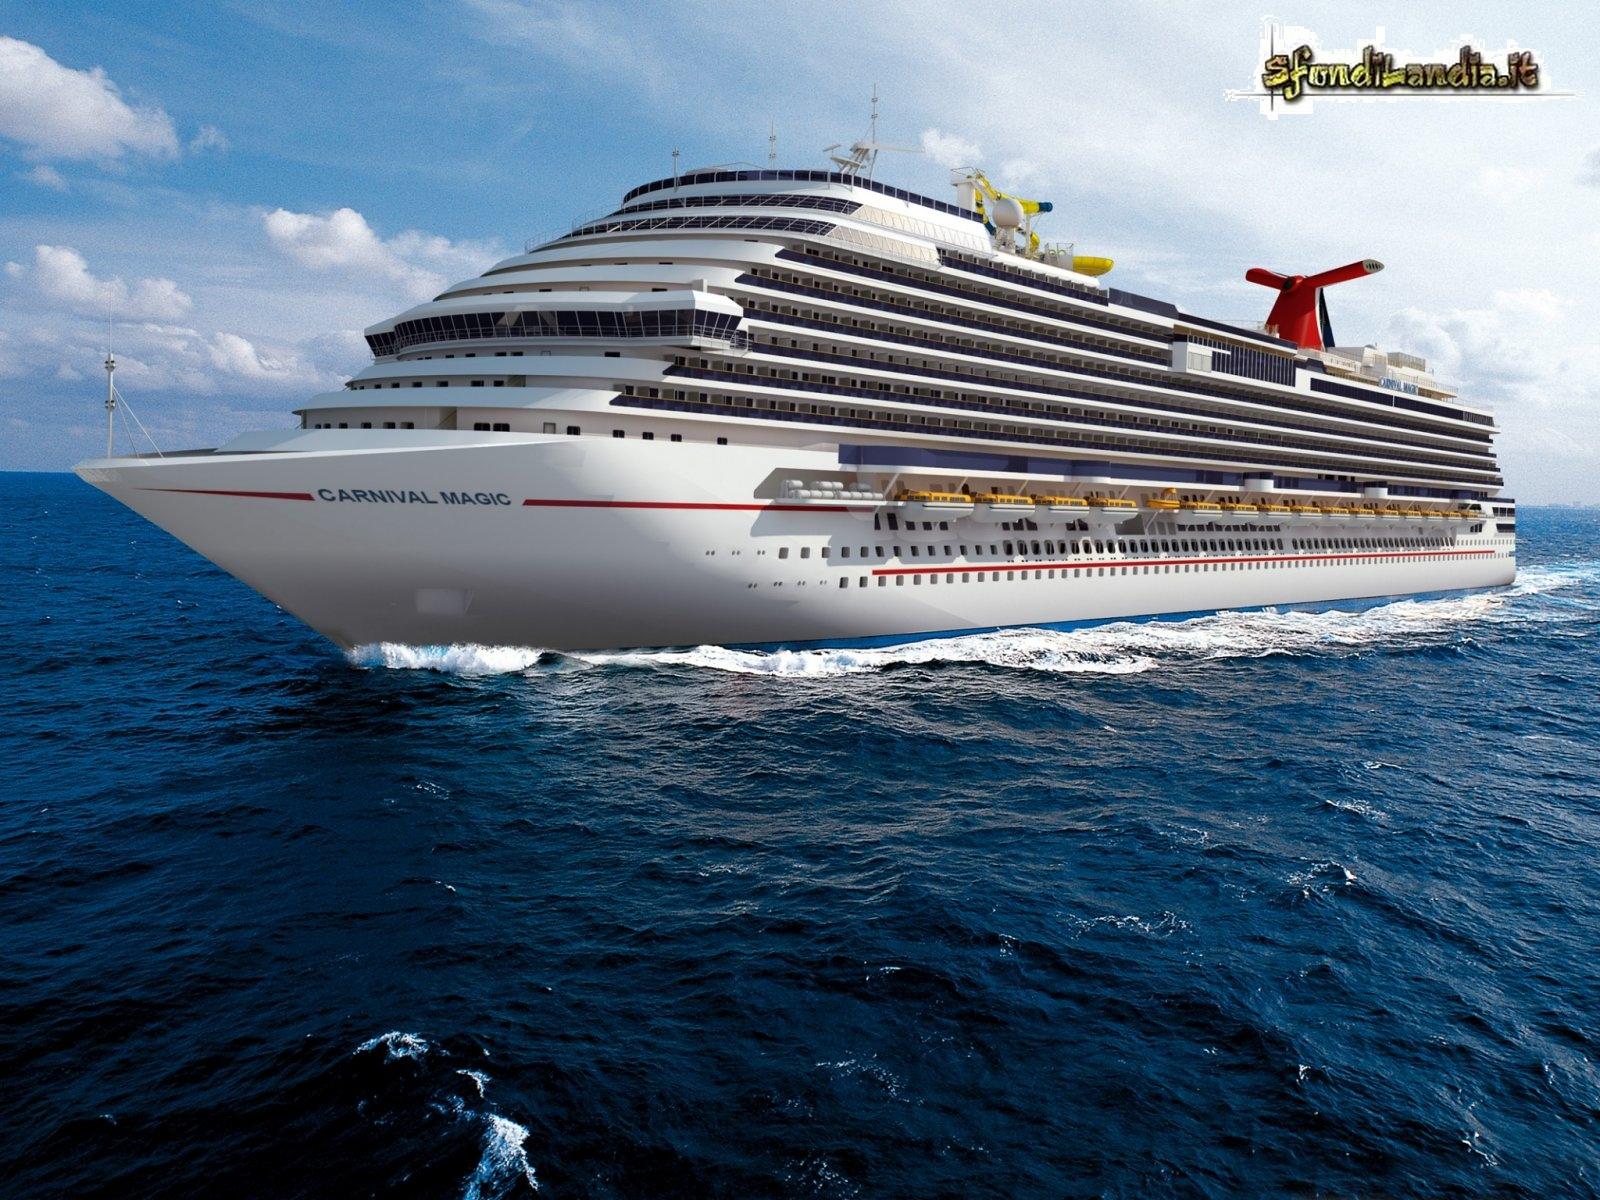 Carnival Ship